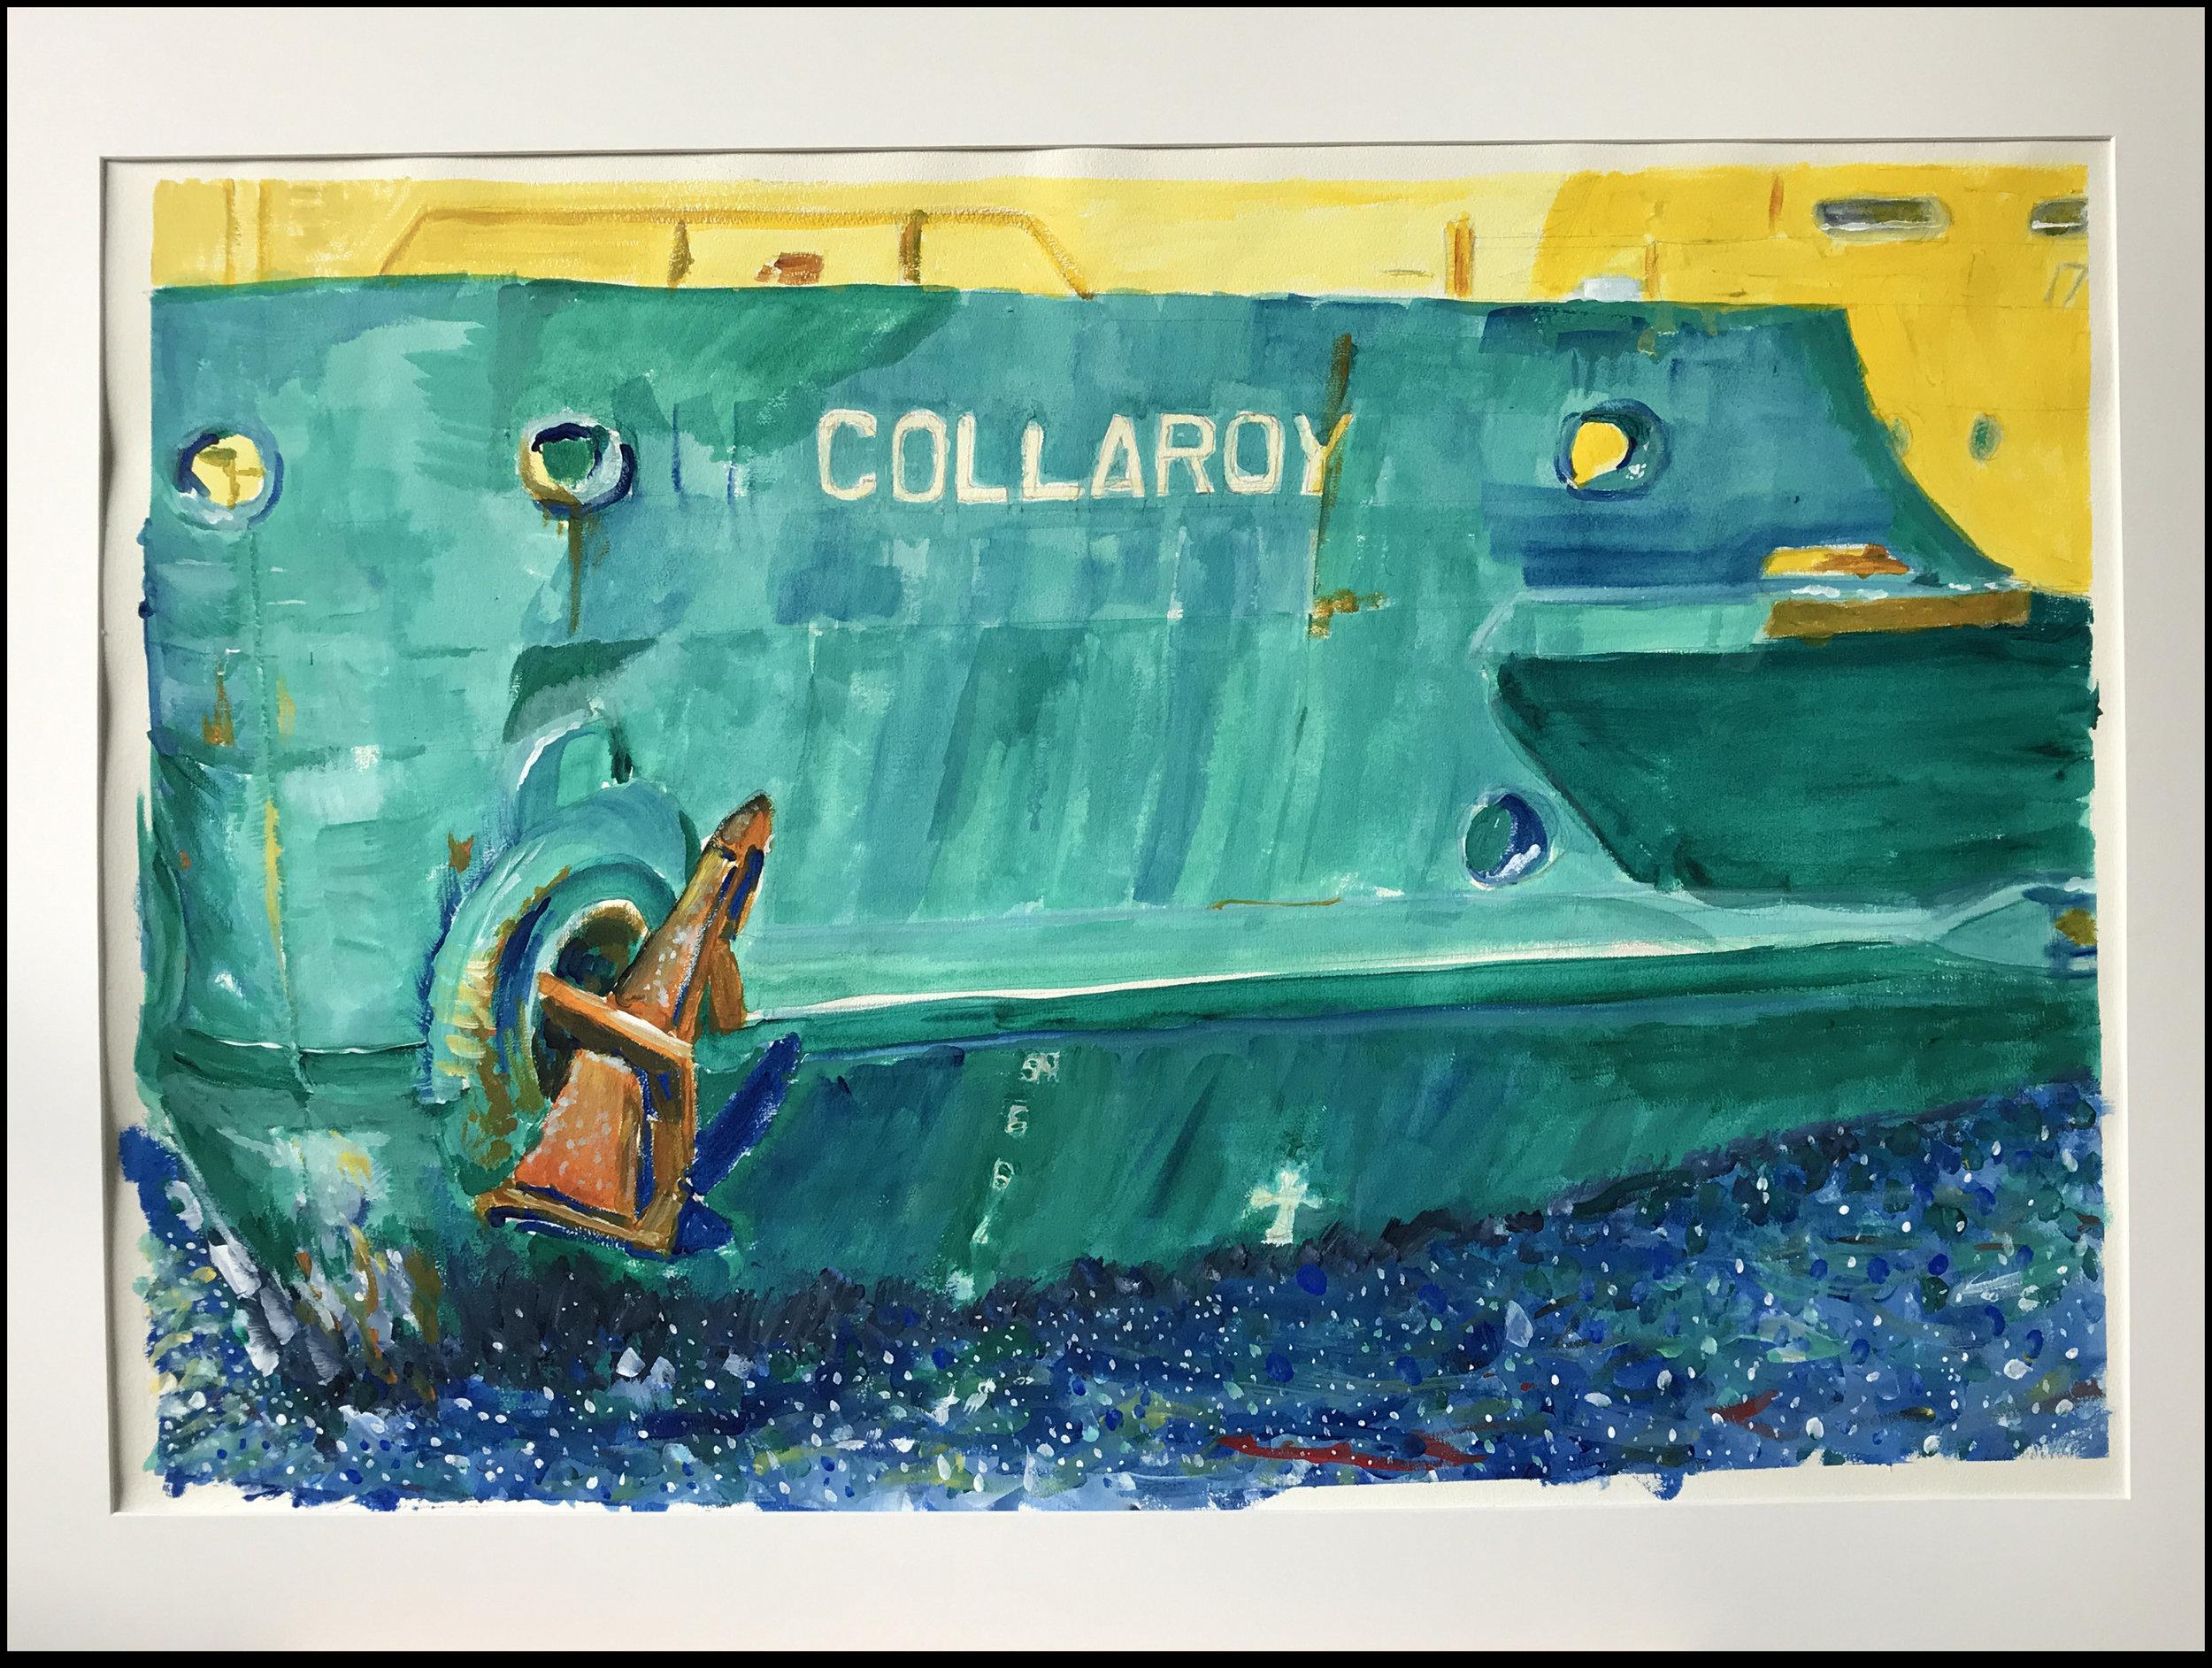 Collaroy